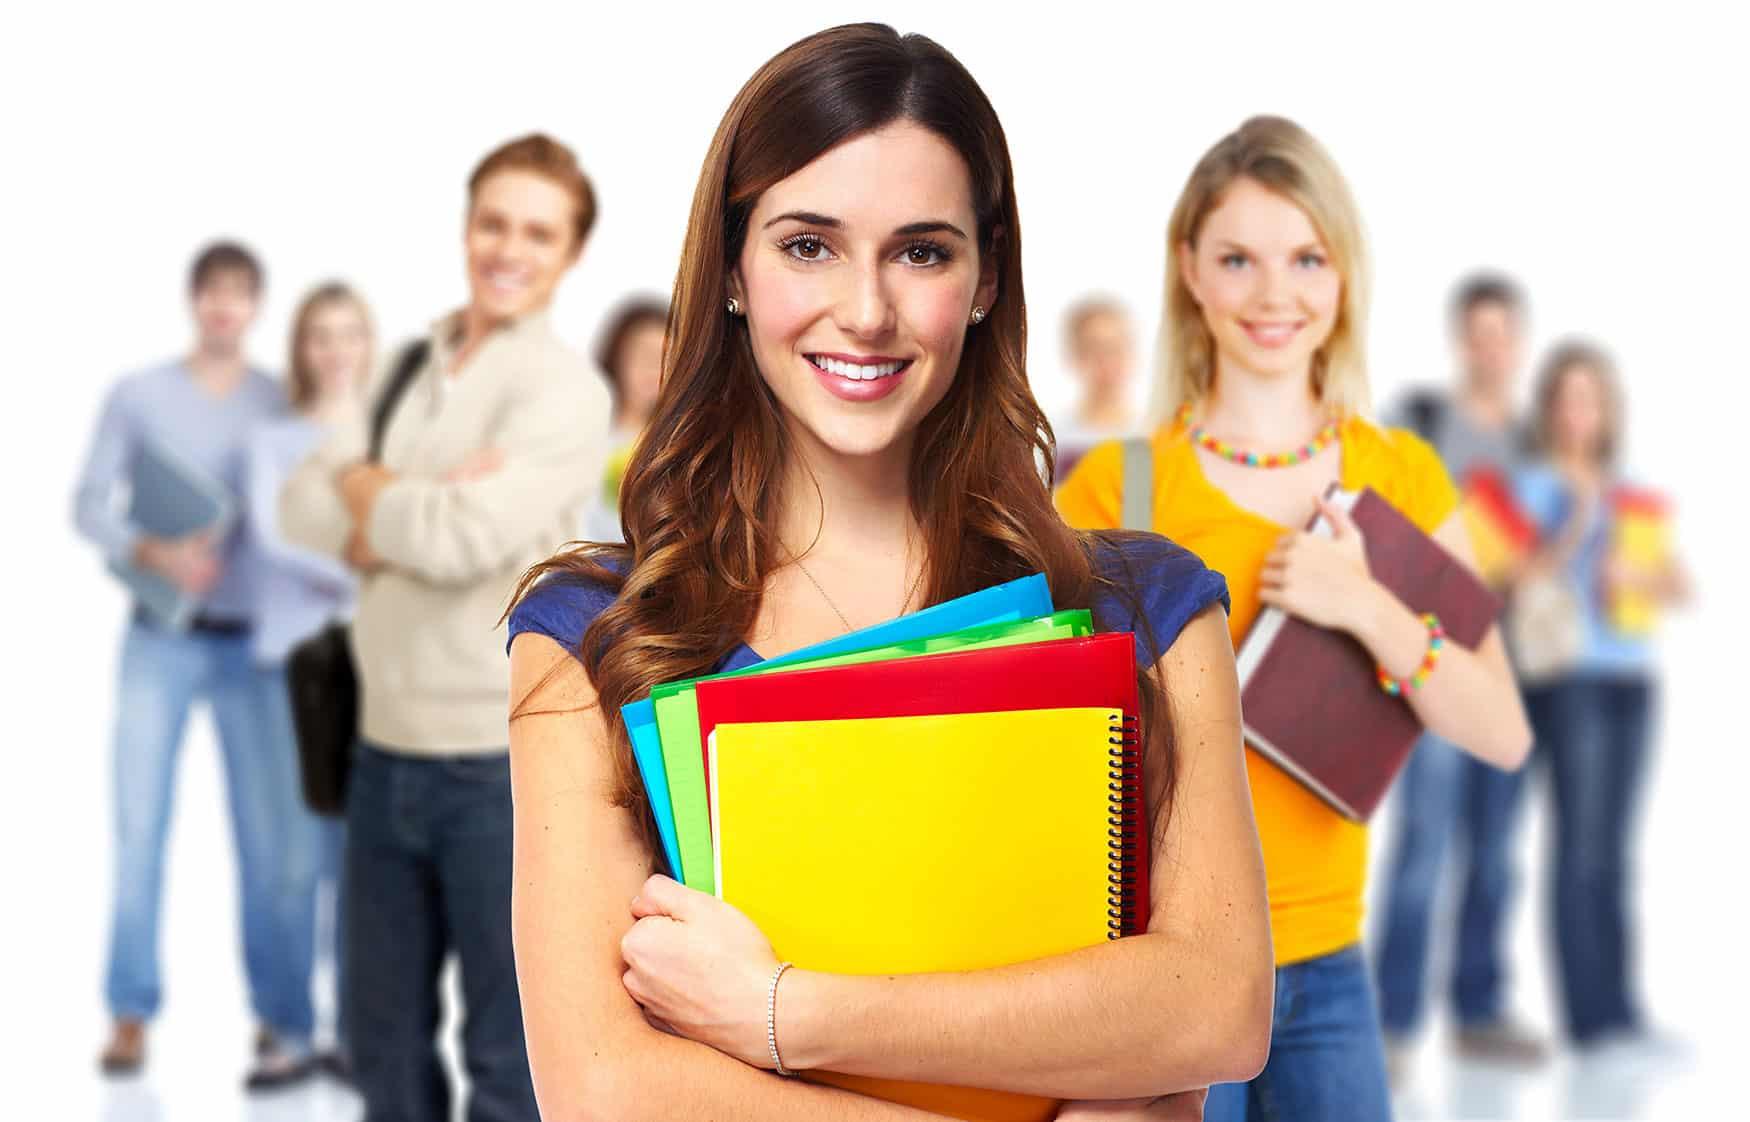 مشاوره پایان نامه کارشناسی ارشد | مشاوره پایان نامه ارشد